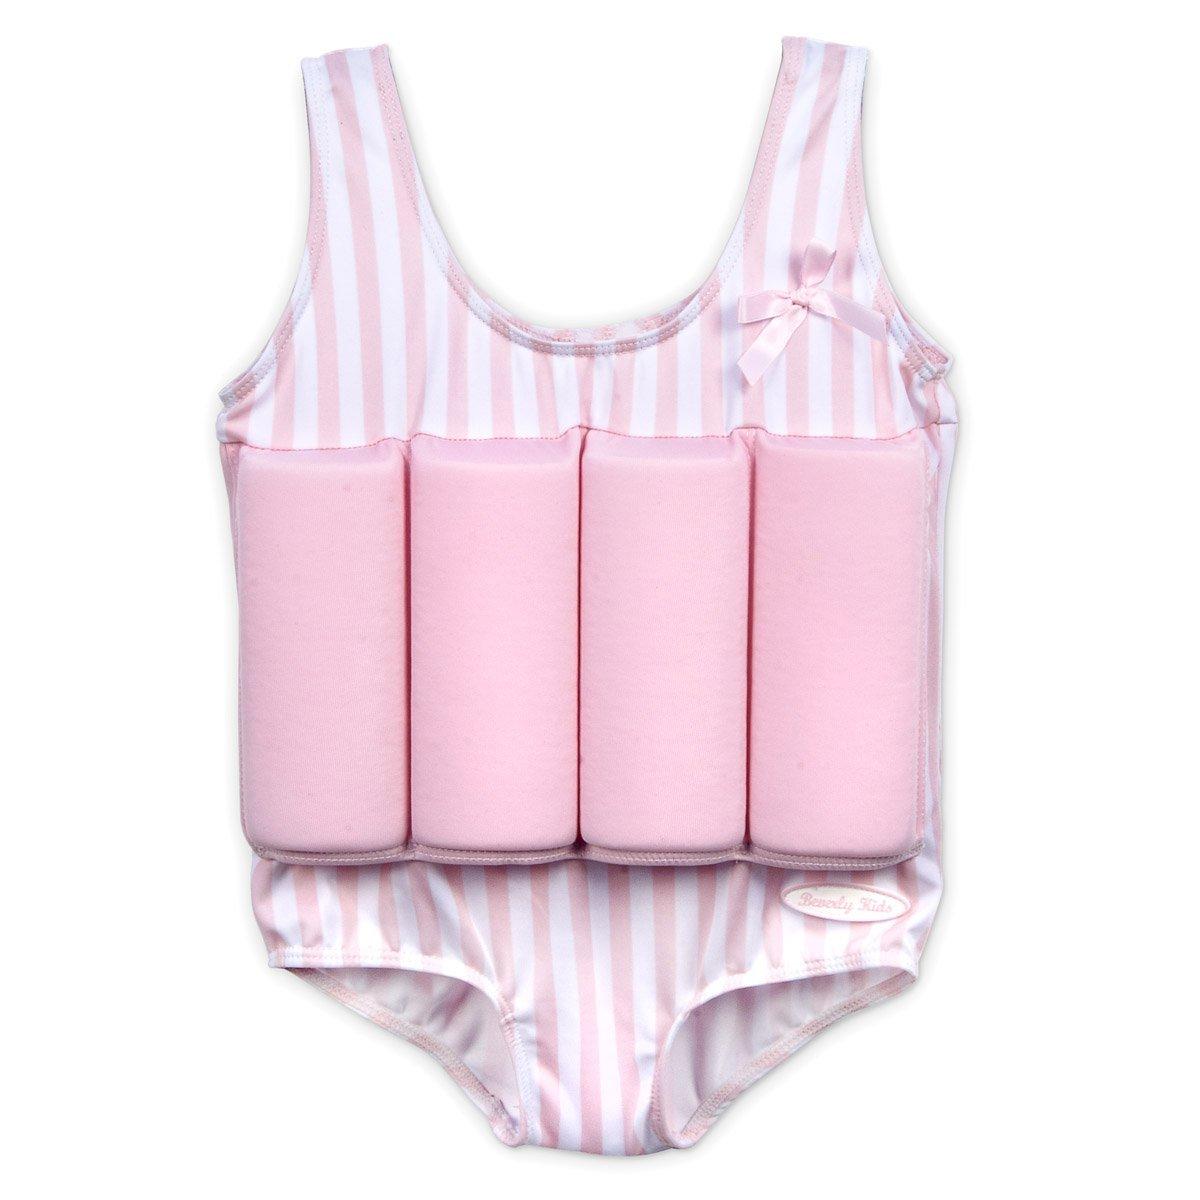 Bañador flotador para niños, color rosa, 2 tallas, Rosa, small: Amazon.es: Deportes y aire libre